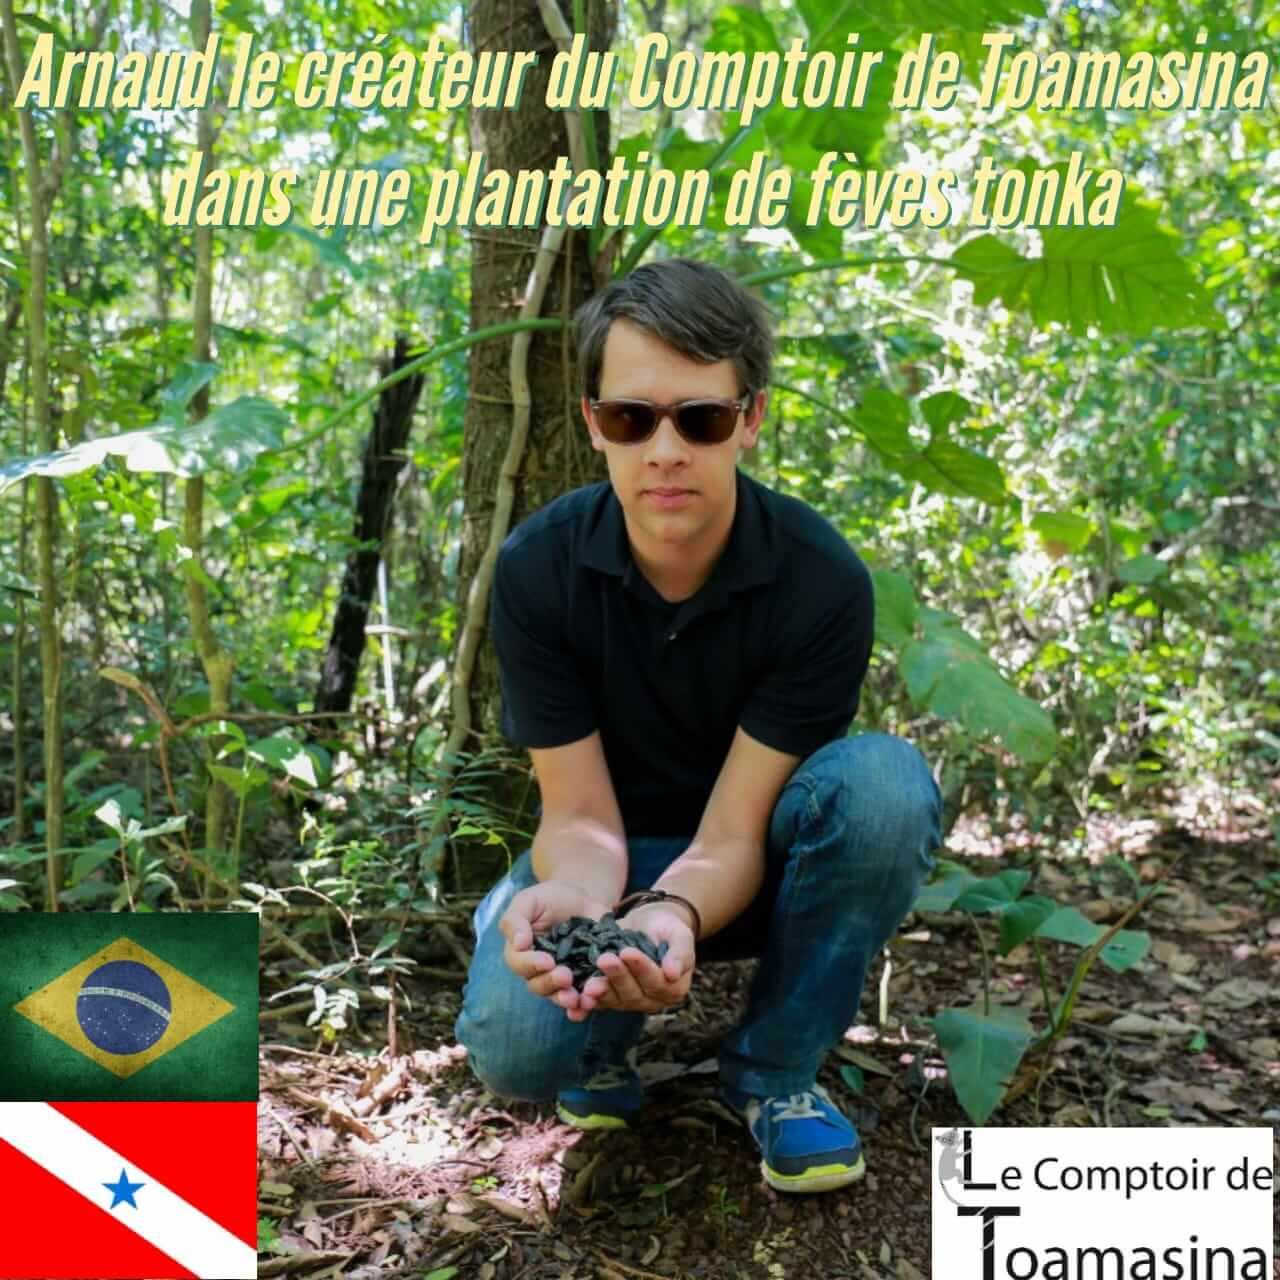 Achat et vente de fève tonka de la population indigène du Brésil